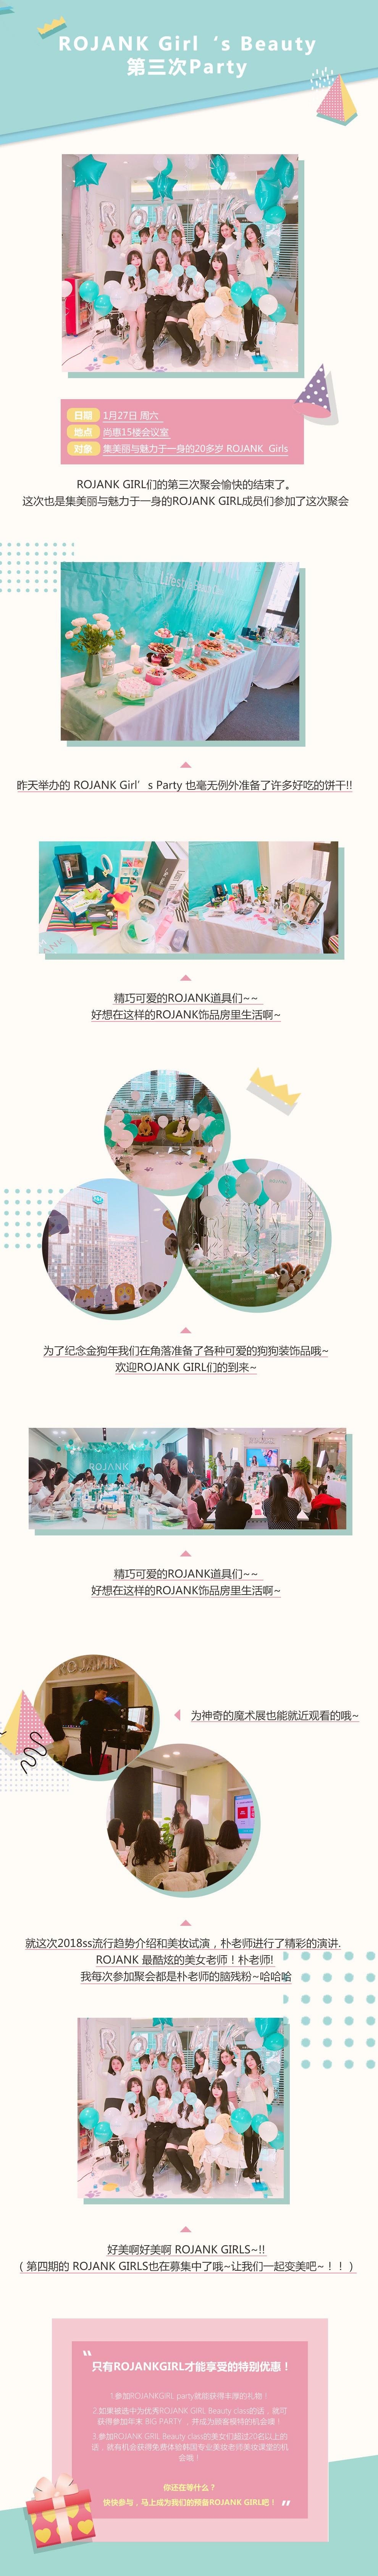 WeChat Image_20180307190252.jpg